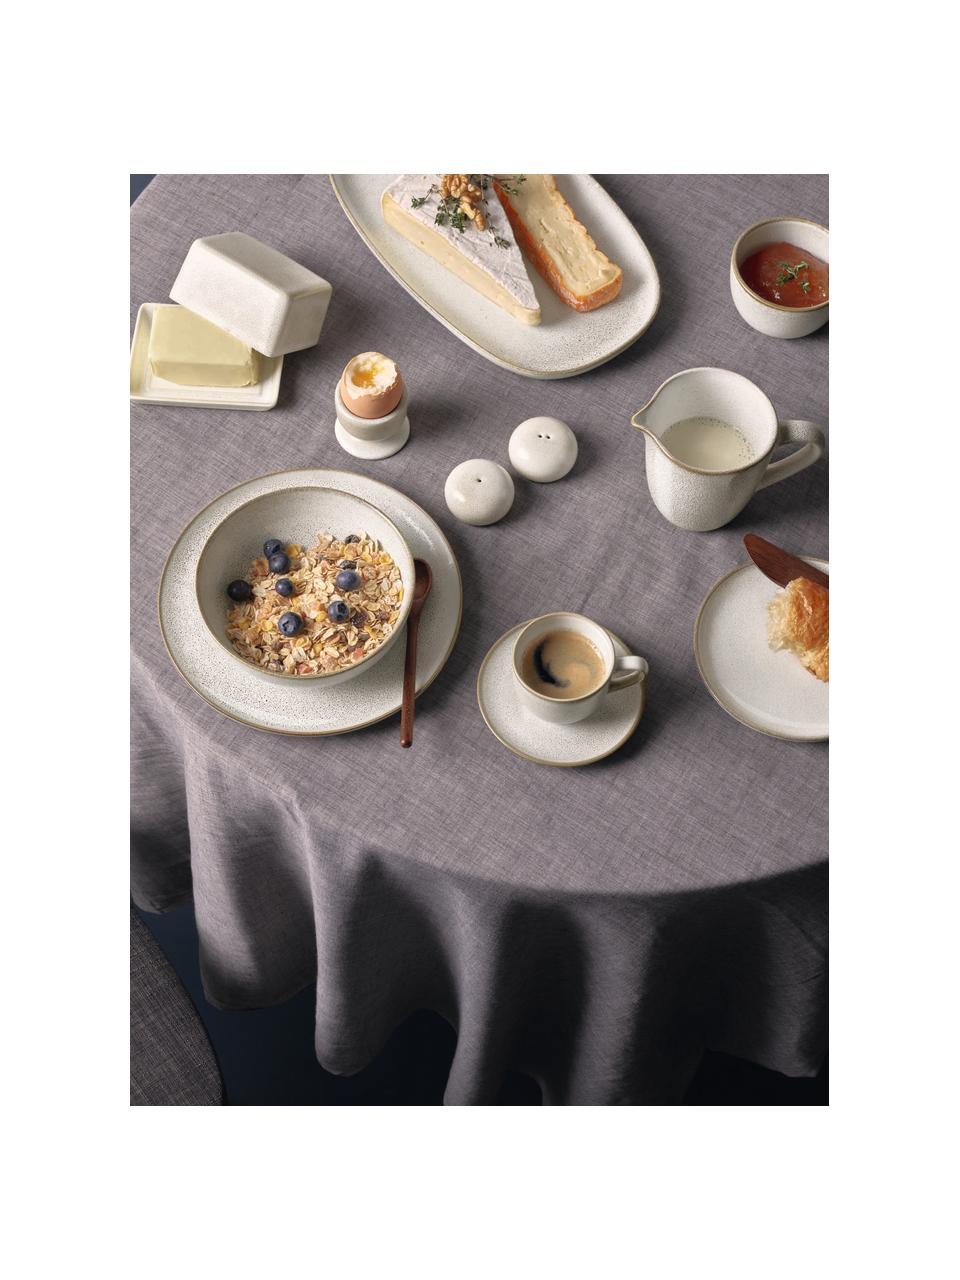 Frühstücksteller Saisons aus Steingut in Beige, 6 Stück, Steingut, Beige, Ø 21 x H 1 cm